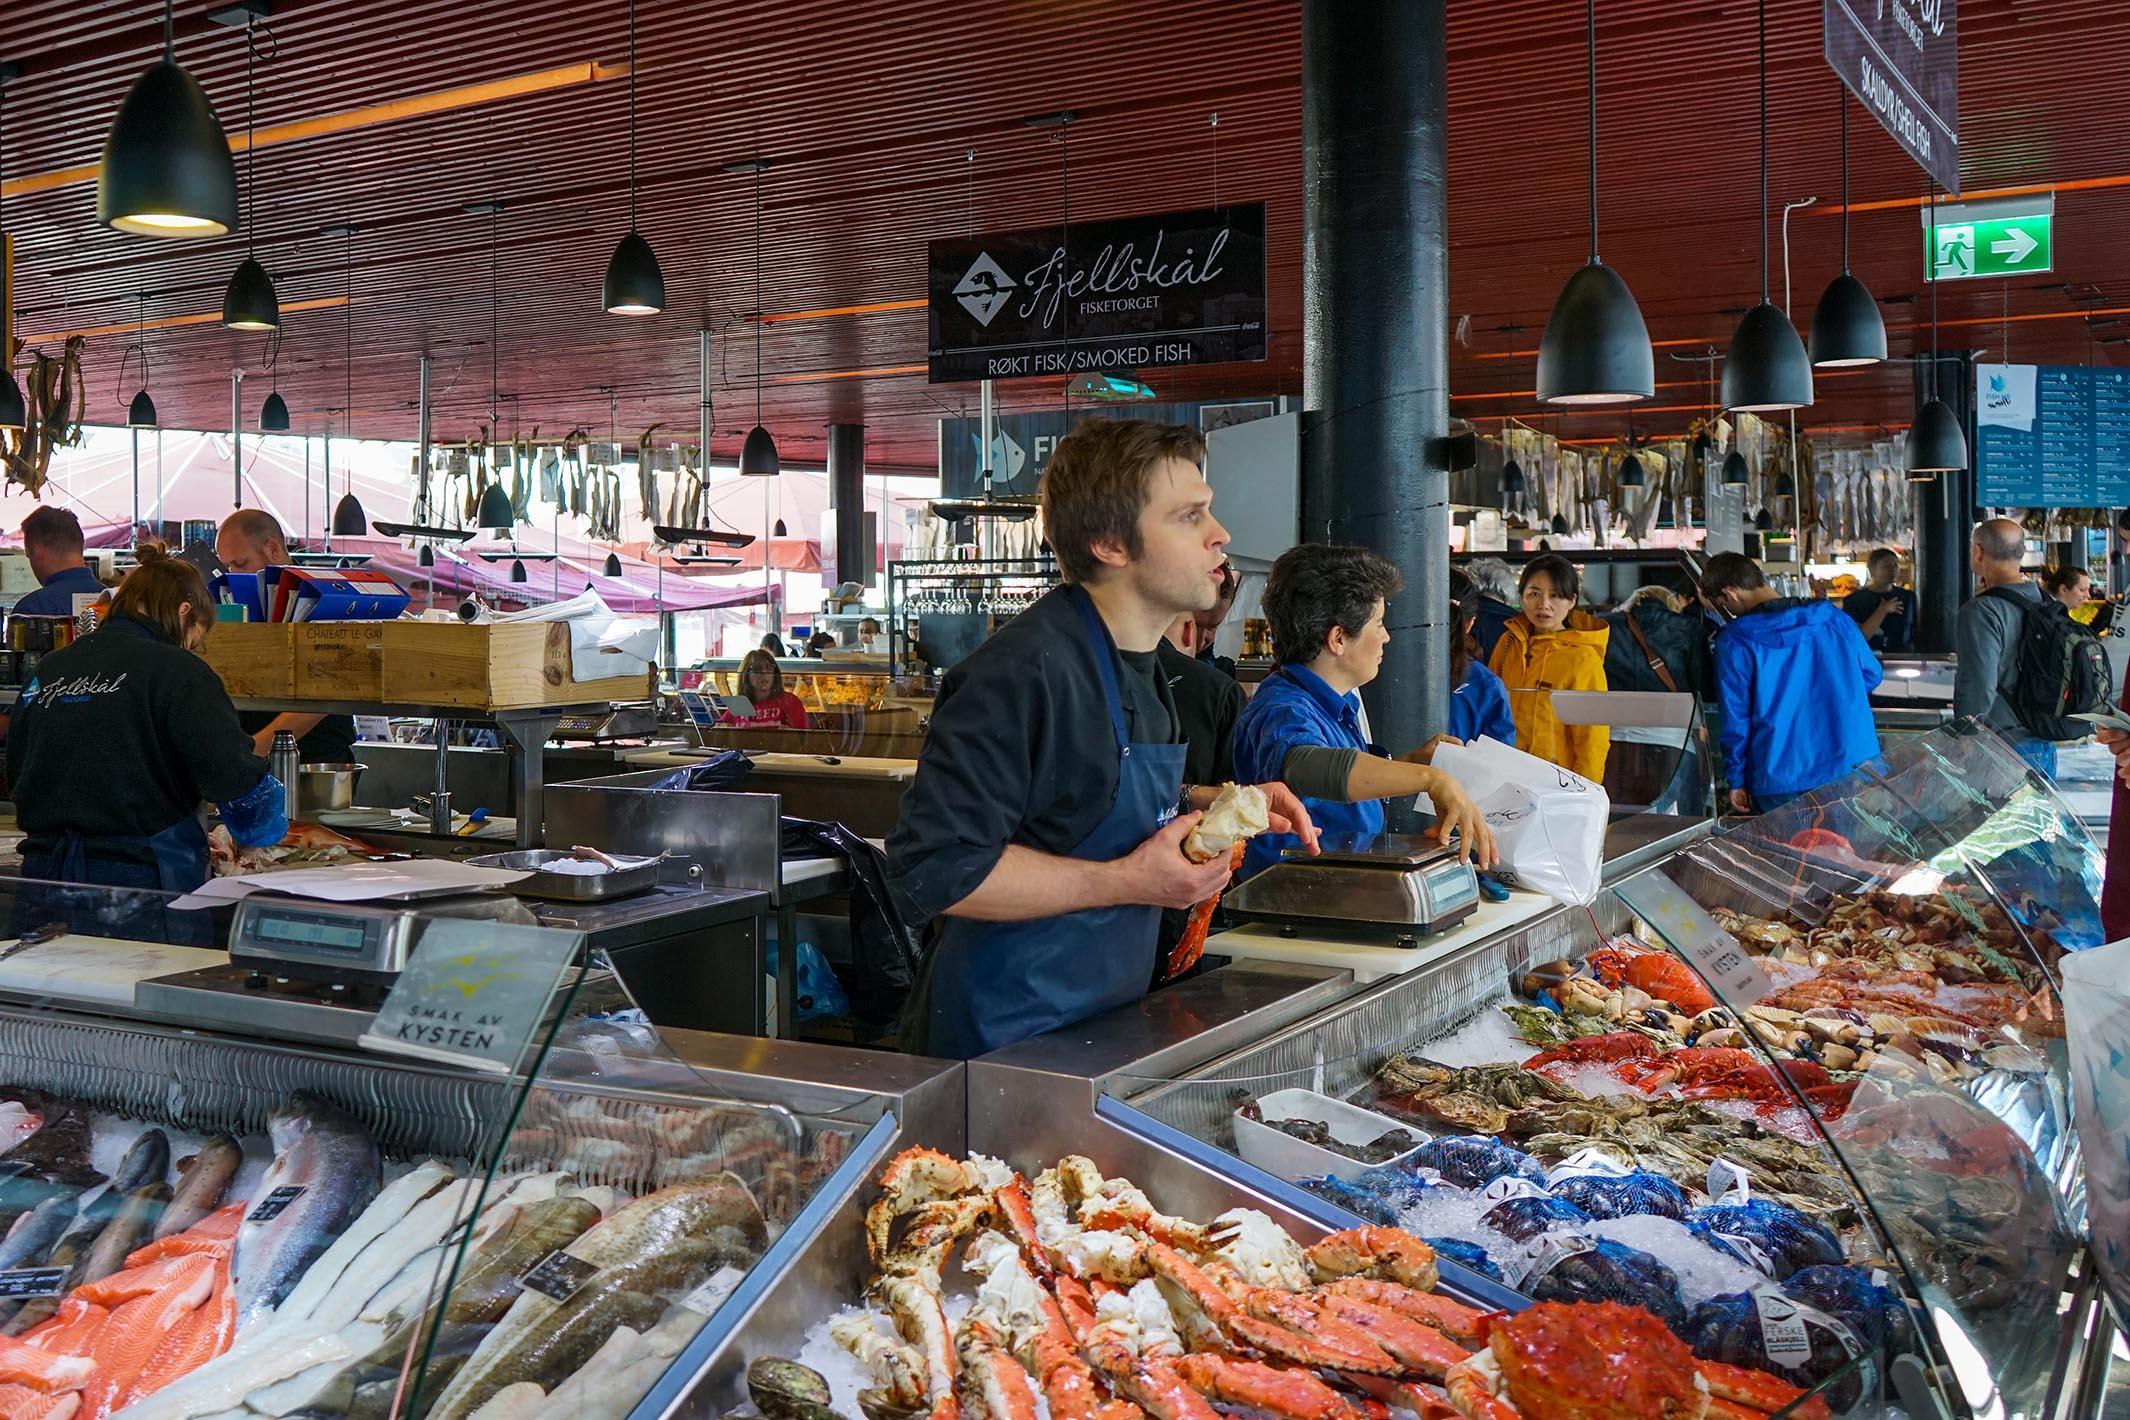 市中心碼頭旁的魚市場,大概有10多個攤檔。販賣的海鮮非常新鮮,也提供即場堂食,但價格真不菲呀。